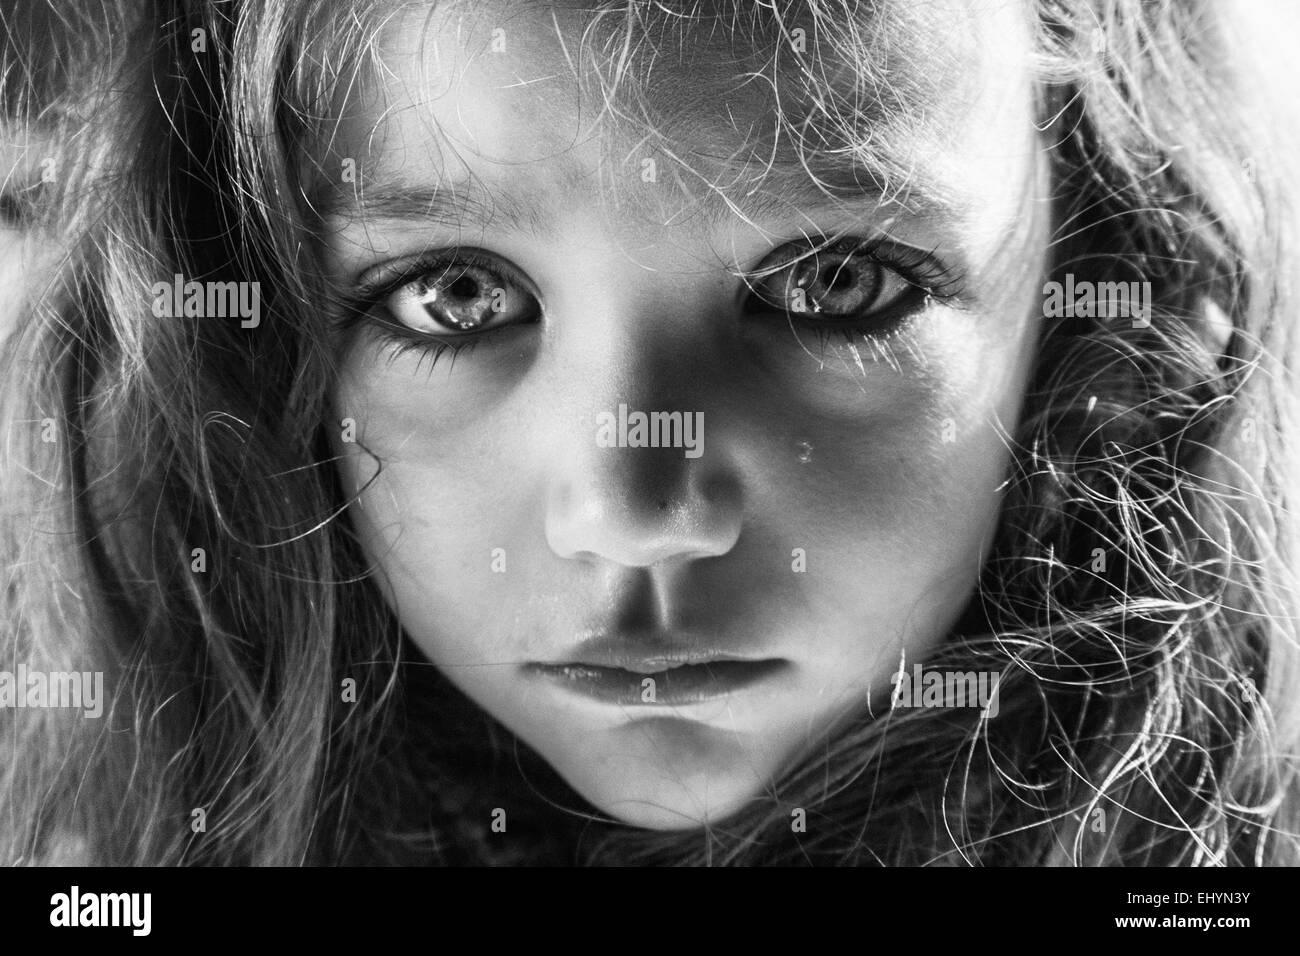 Retrato de una chica llorando con una lágrima corriendo su cara Foto de stock